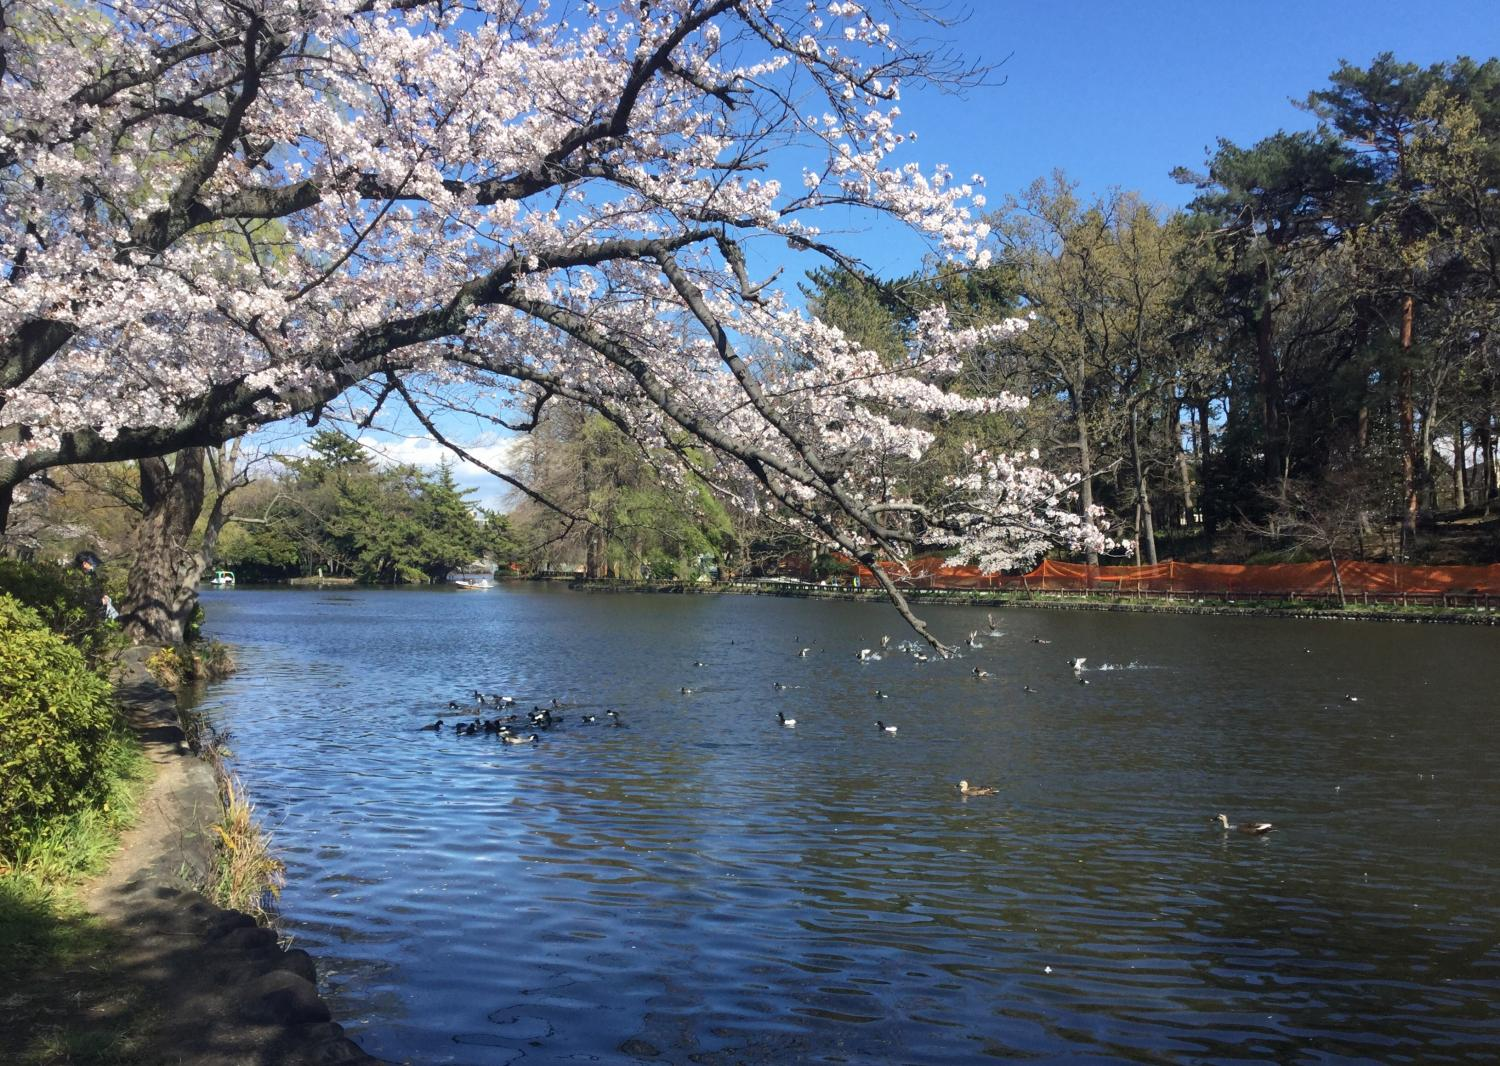 흰뺨검둥오리 노는 보트 연못 이미지